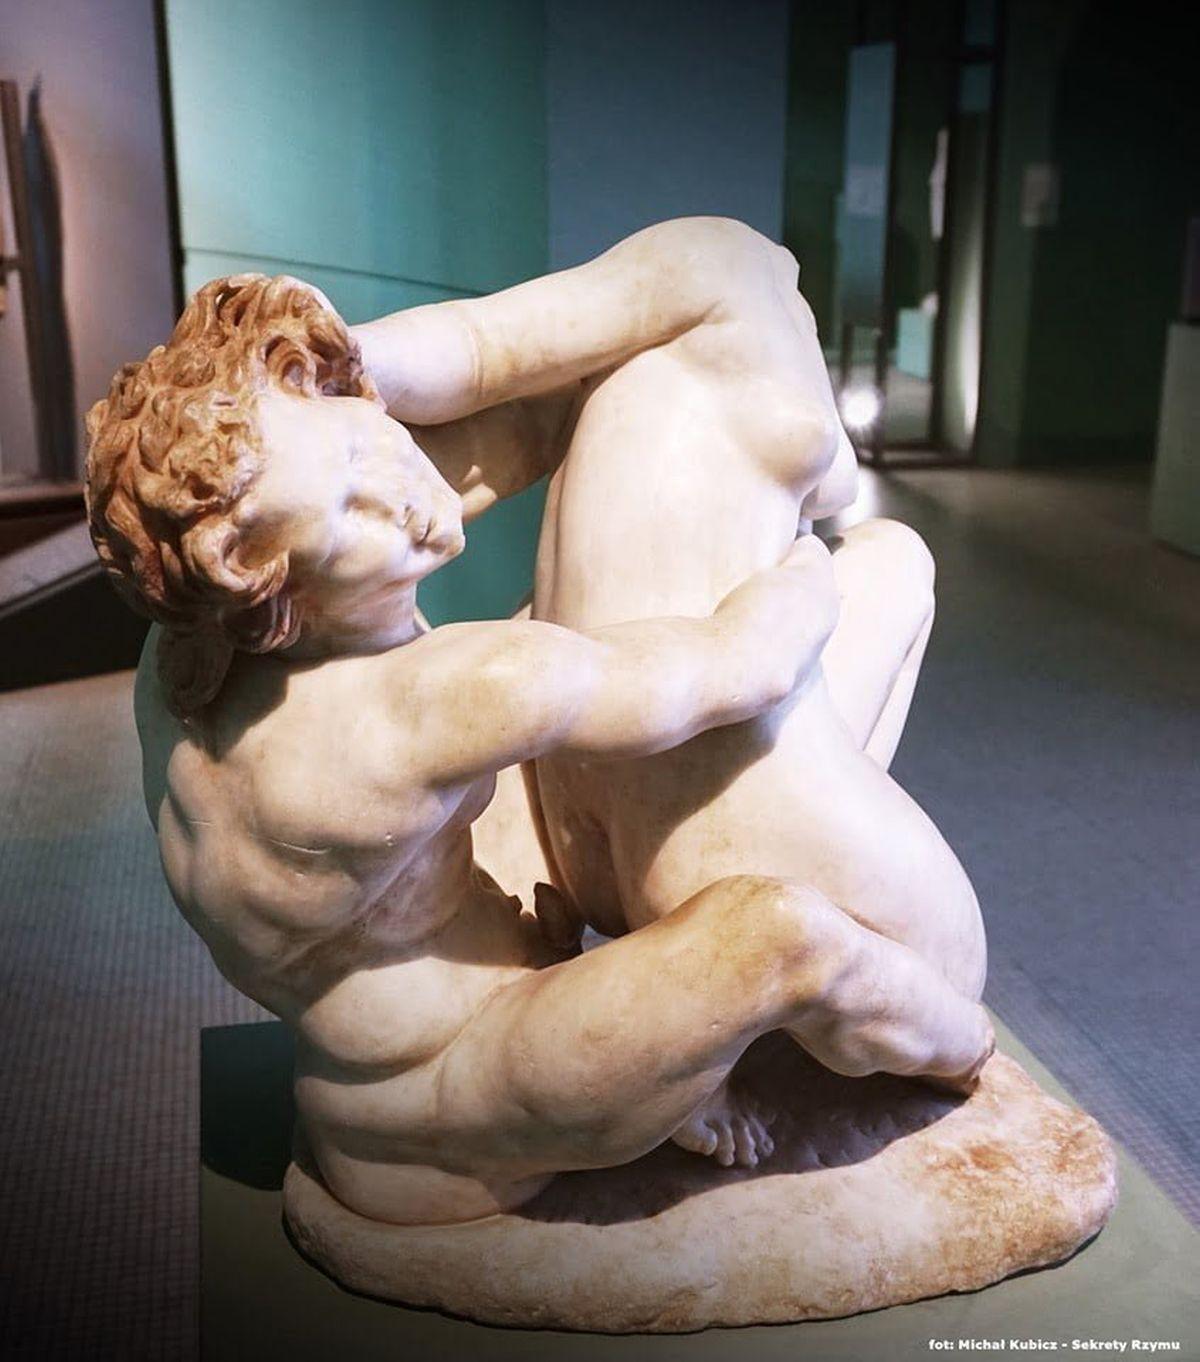 Rzymska rzeźba ukazująca satyra i nimfę